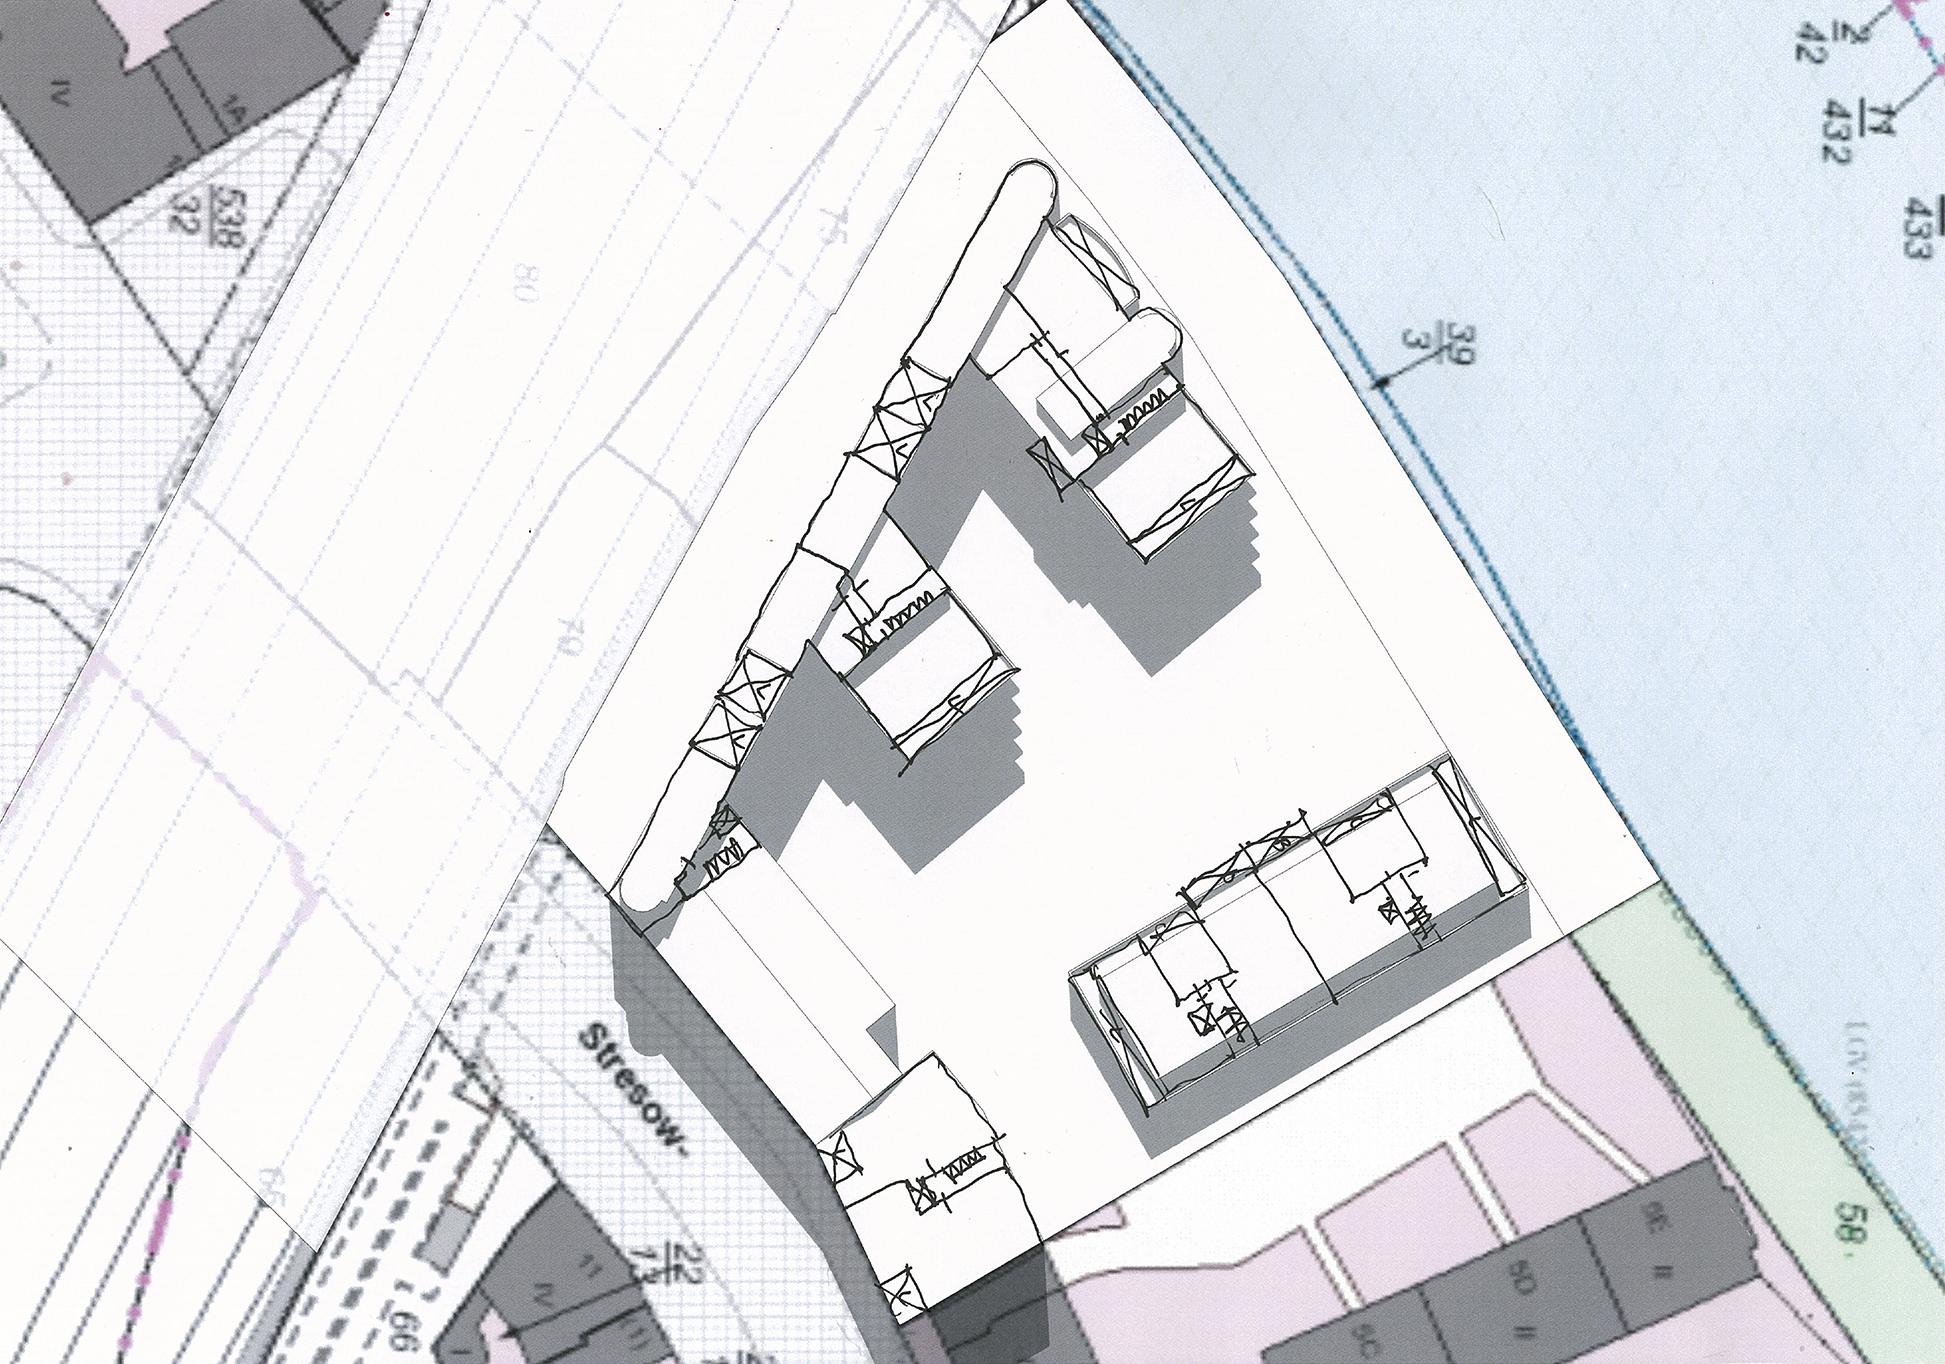 Stressowplatz-Perspektive-site5